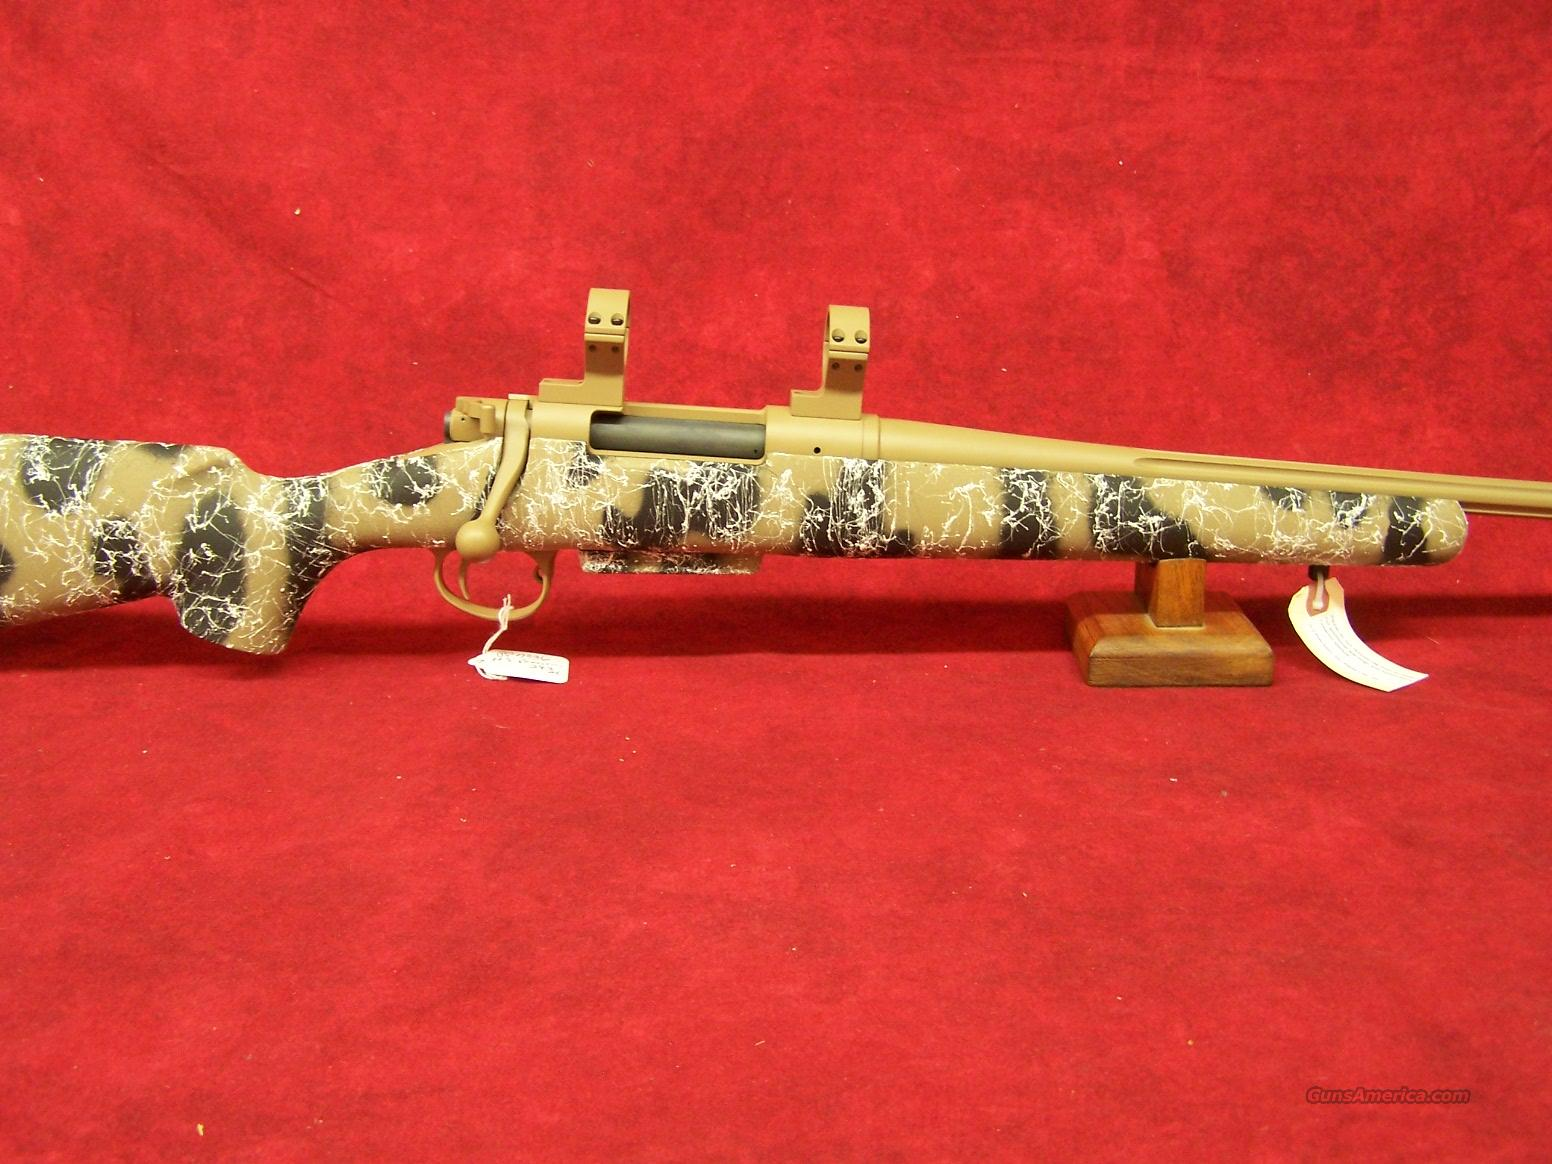 """H-S PRECISION Pro-Series 2000 SPL .243 Win 24"""" Fluted tan cerekote barrel, Black and Tan camo stock with white webbing hs Precision  Guns > Rifles > HS Precision Rifles"""